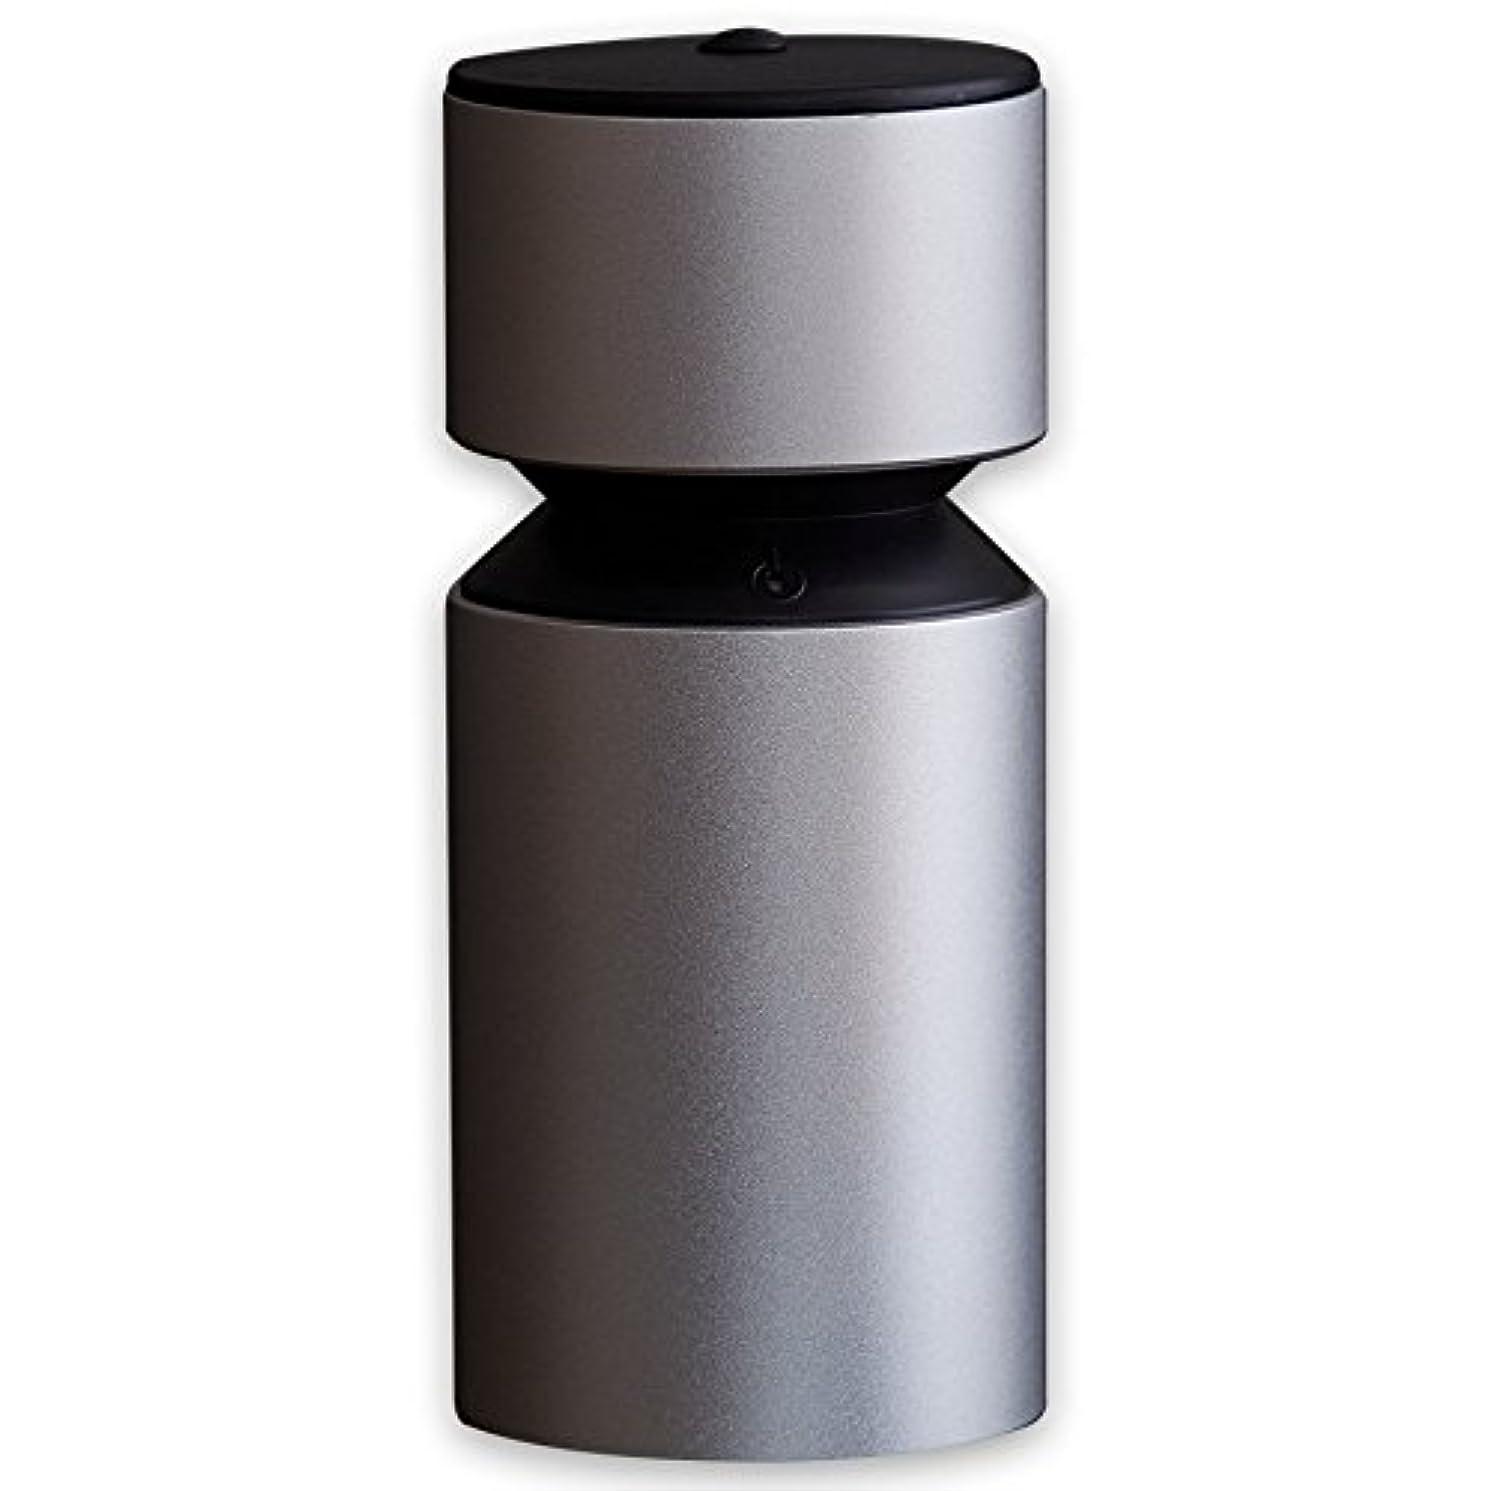 教防衛世界記録のギネスブックアロマディフューザー UR-AROMA03 卓上 小型 加湿器 Uruon(ウルオン) オーガニックアロマオイル対応 天然アロマオイル AROMA ポータブル usb コンパクト 充電式 タンブラー 2way アロマドロップ方式